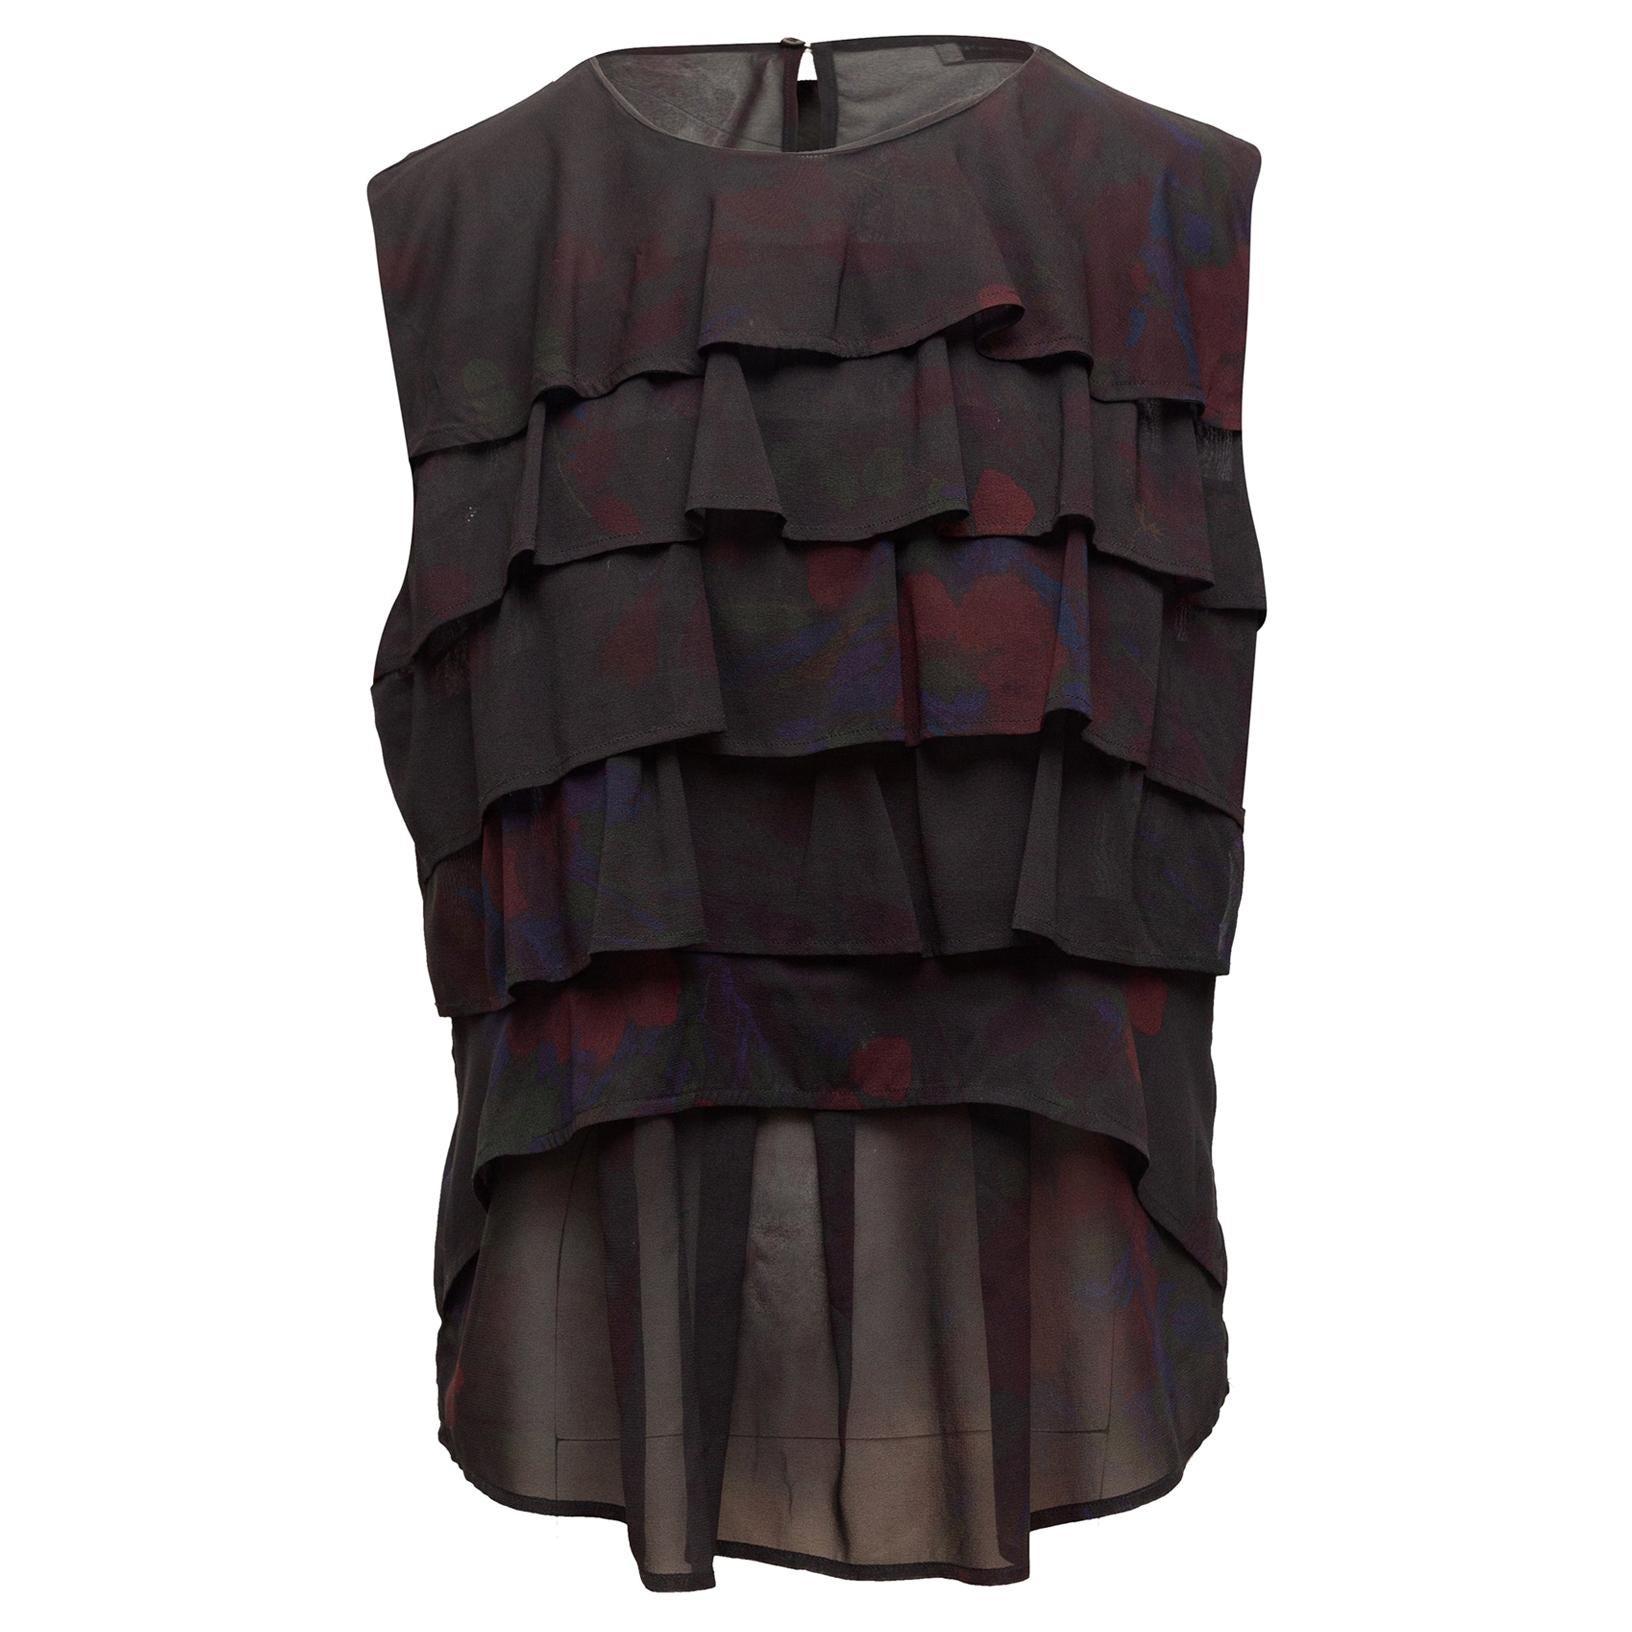 Dries Van Noten Black & Multicolor Silk Tiered Top